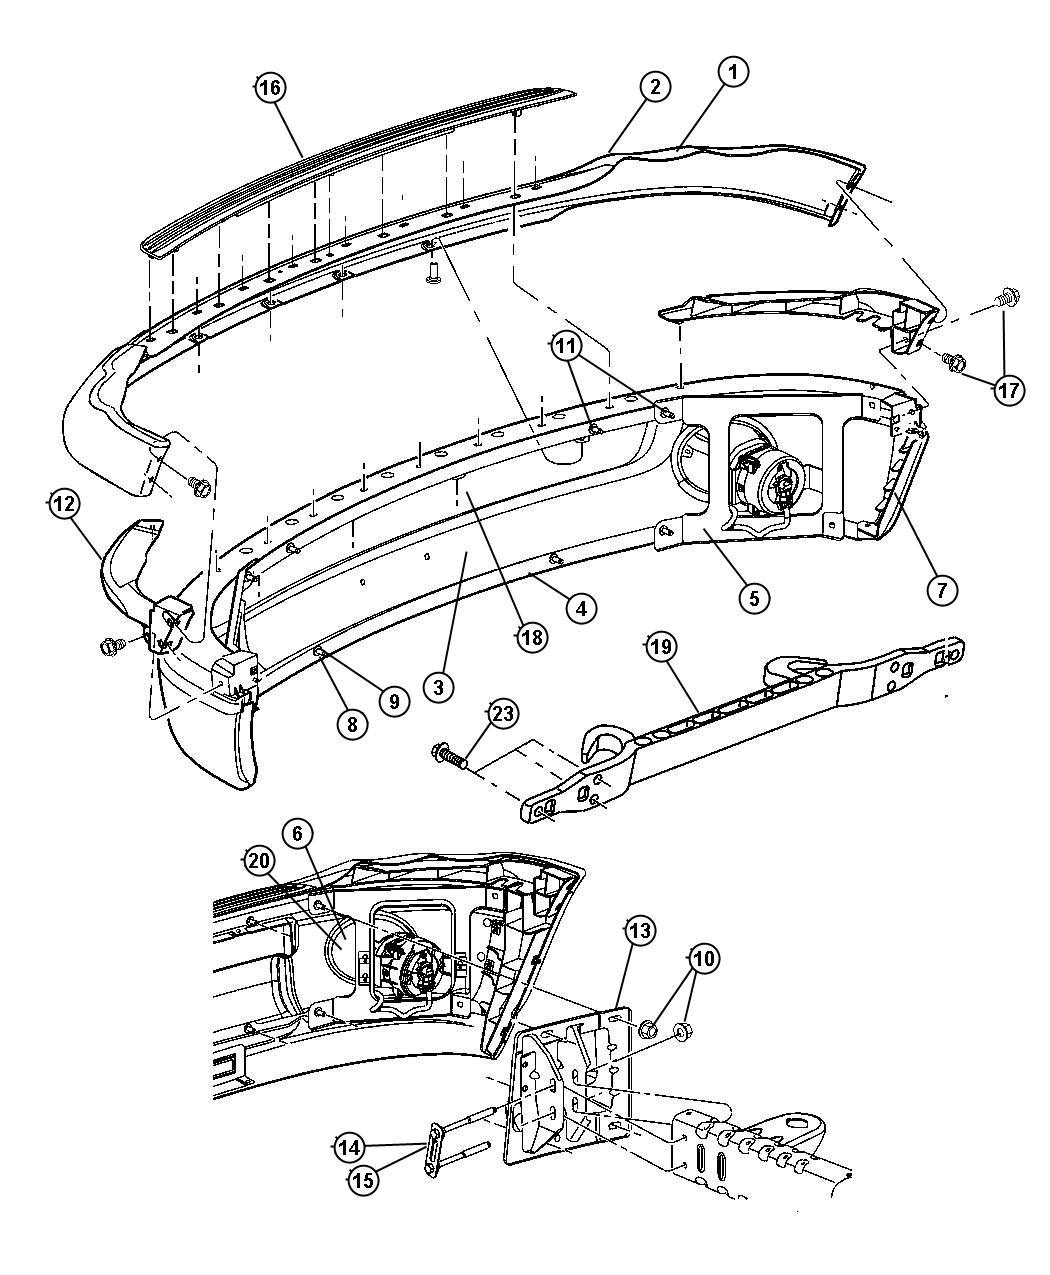 diagram for fuse box mazda cx 9 2007  mazda  auto wiring